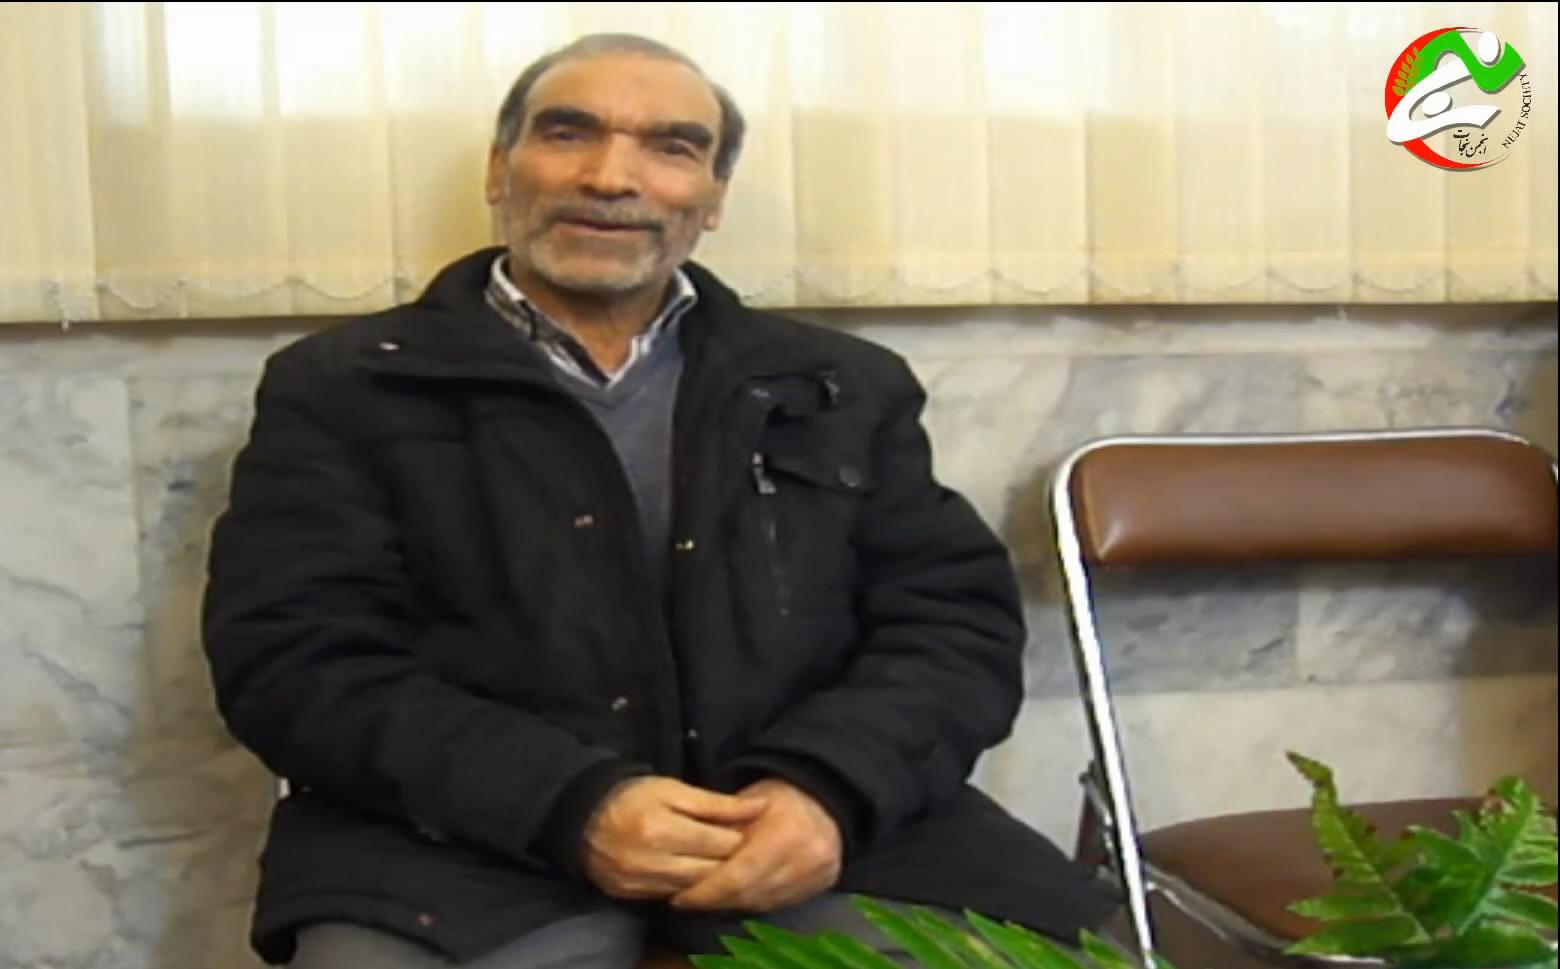 برادر چشم انتظارِ حمید طاهری: خواهش می کنم به هرطریق خودت را آزاد کن + فیلم